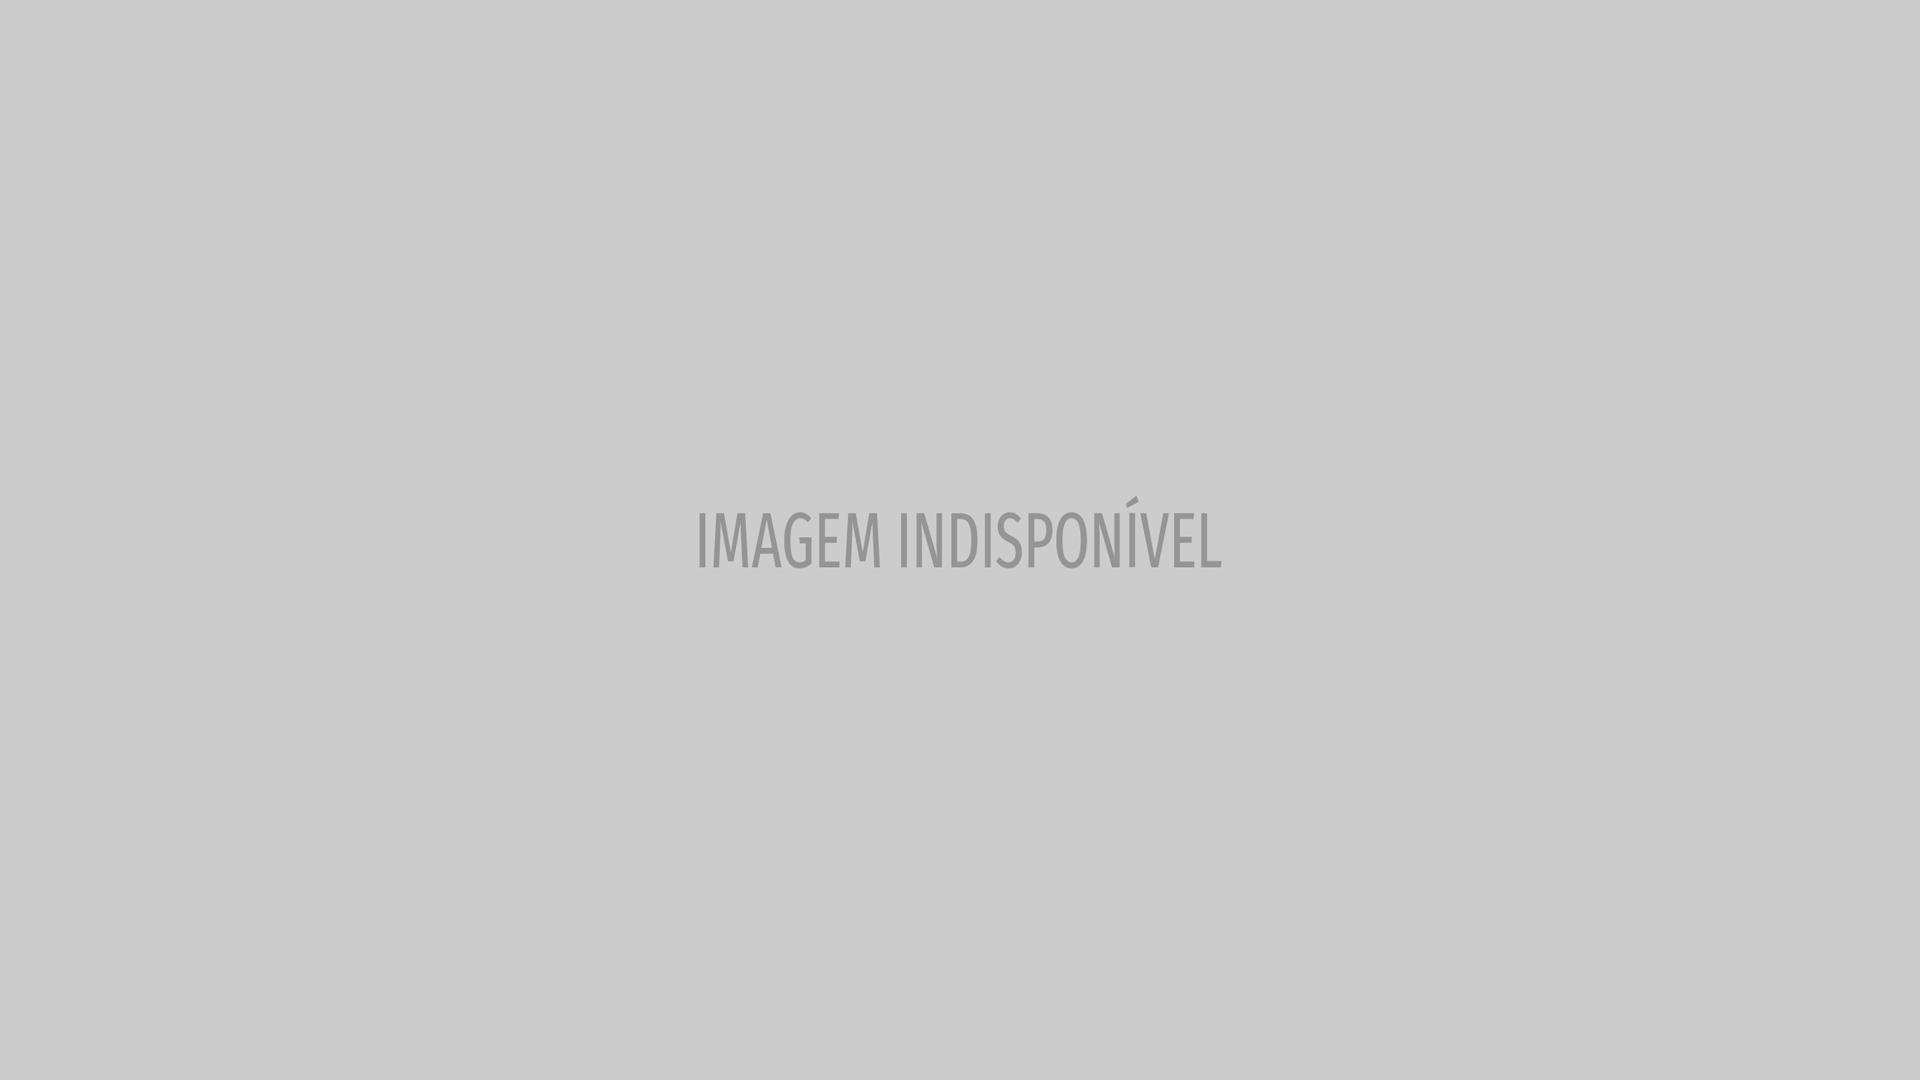 Neymar e Mbappé visitam churrasqueiro celebridade no Catar; vídeo